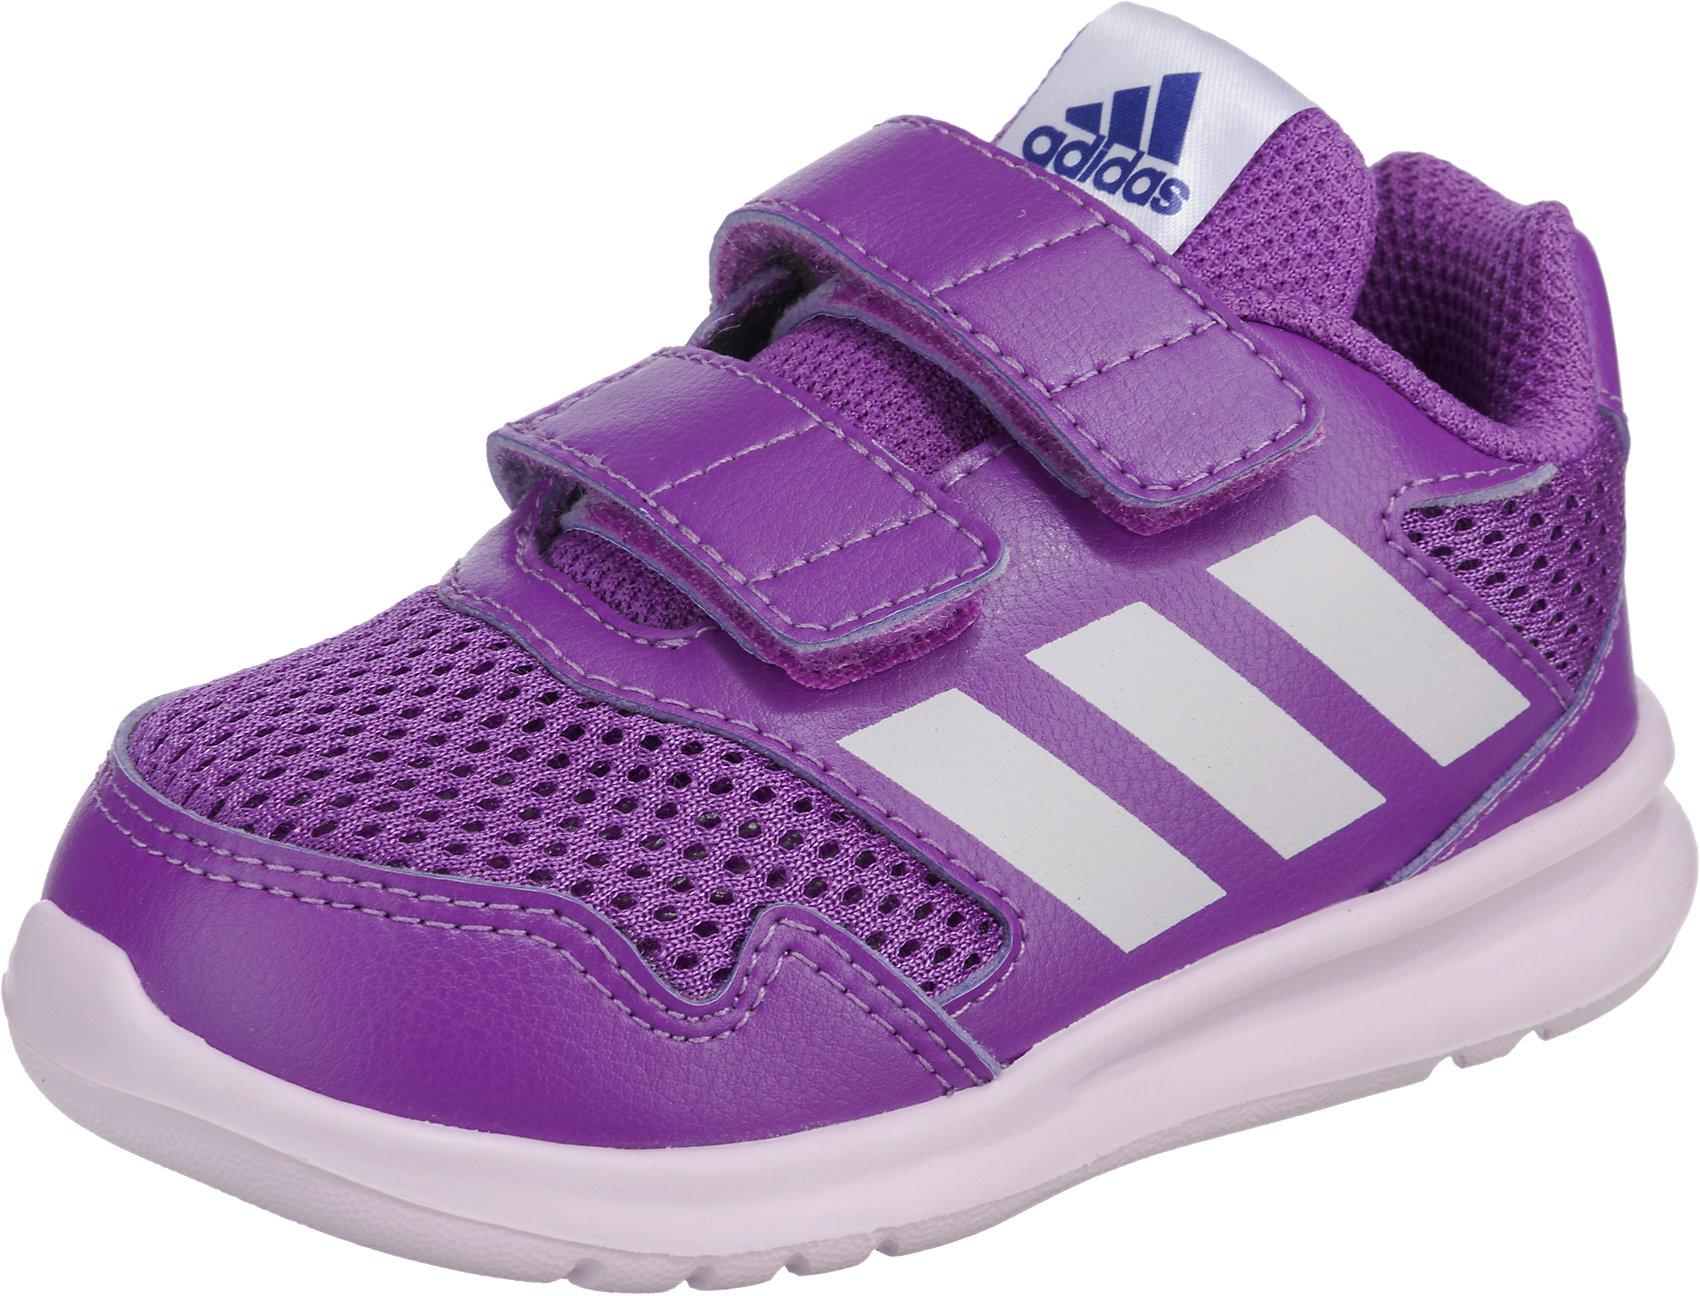 Adidas Cf I Neu Mädchen Performance Baby Details 7148062 Zu Für Sportschuhe Altarun 5L4Aj3R